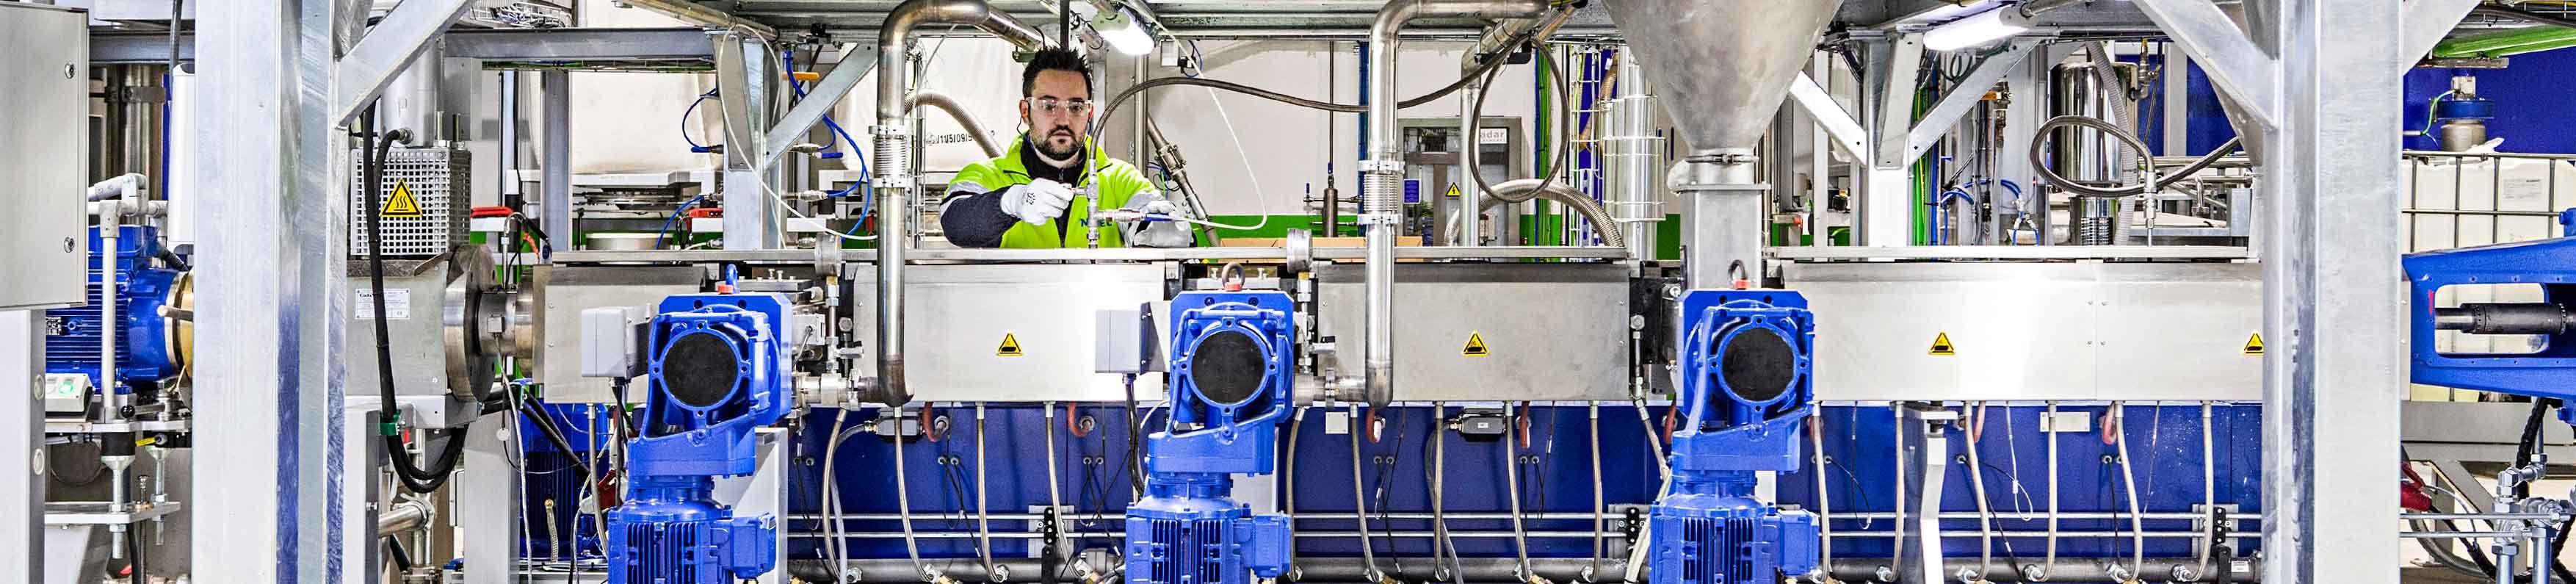 Nurel Biopolymers INZEA Extrusion